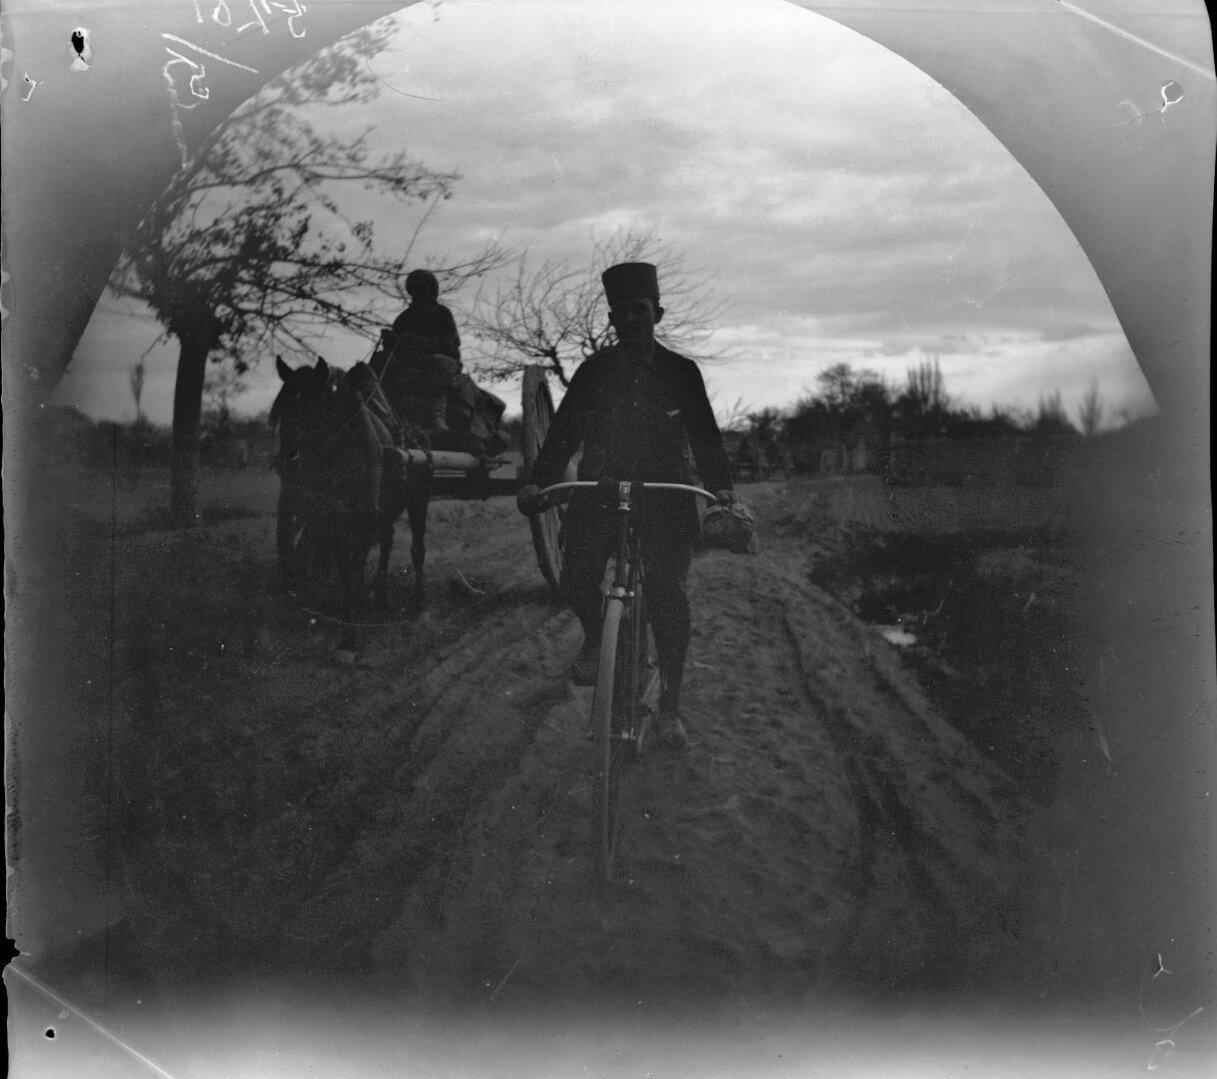 2 ноября. Томас Аллен на своем велосипеде обгоняет телегу по дороге в Бухару